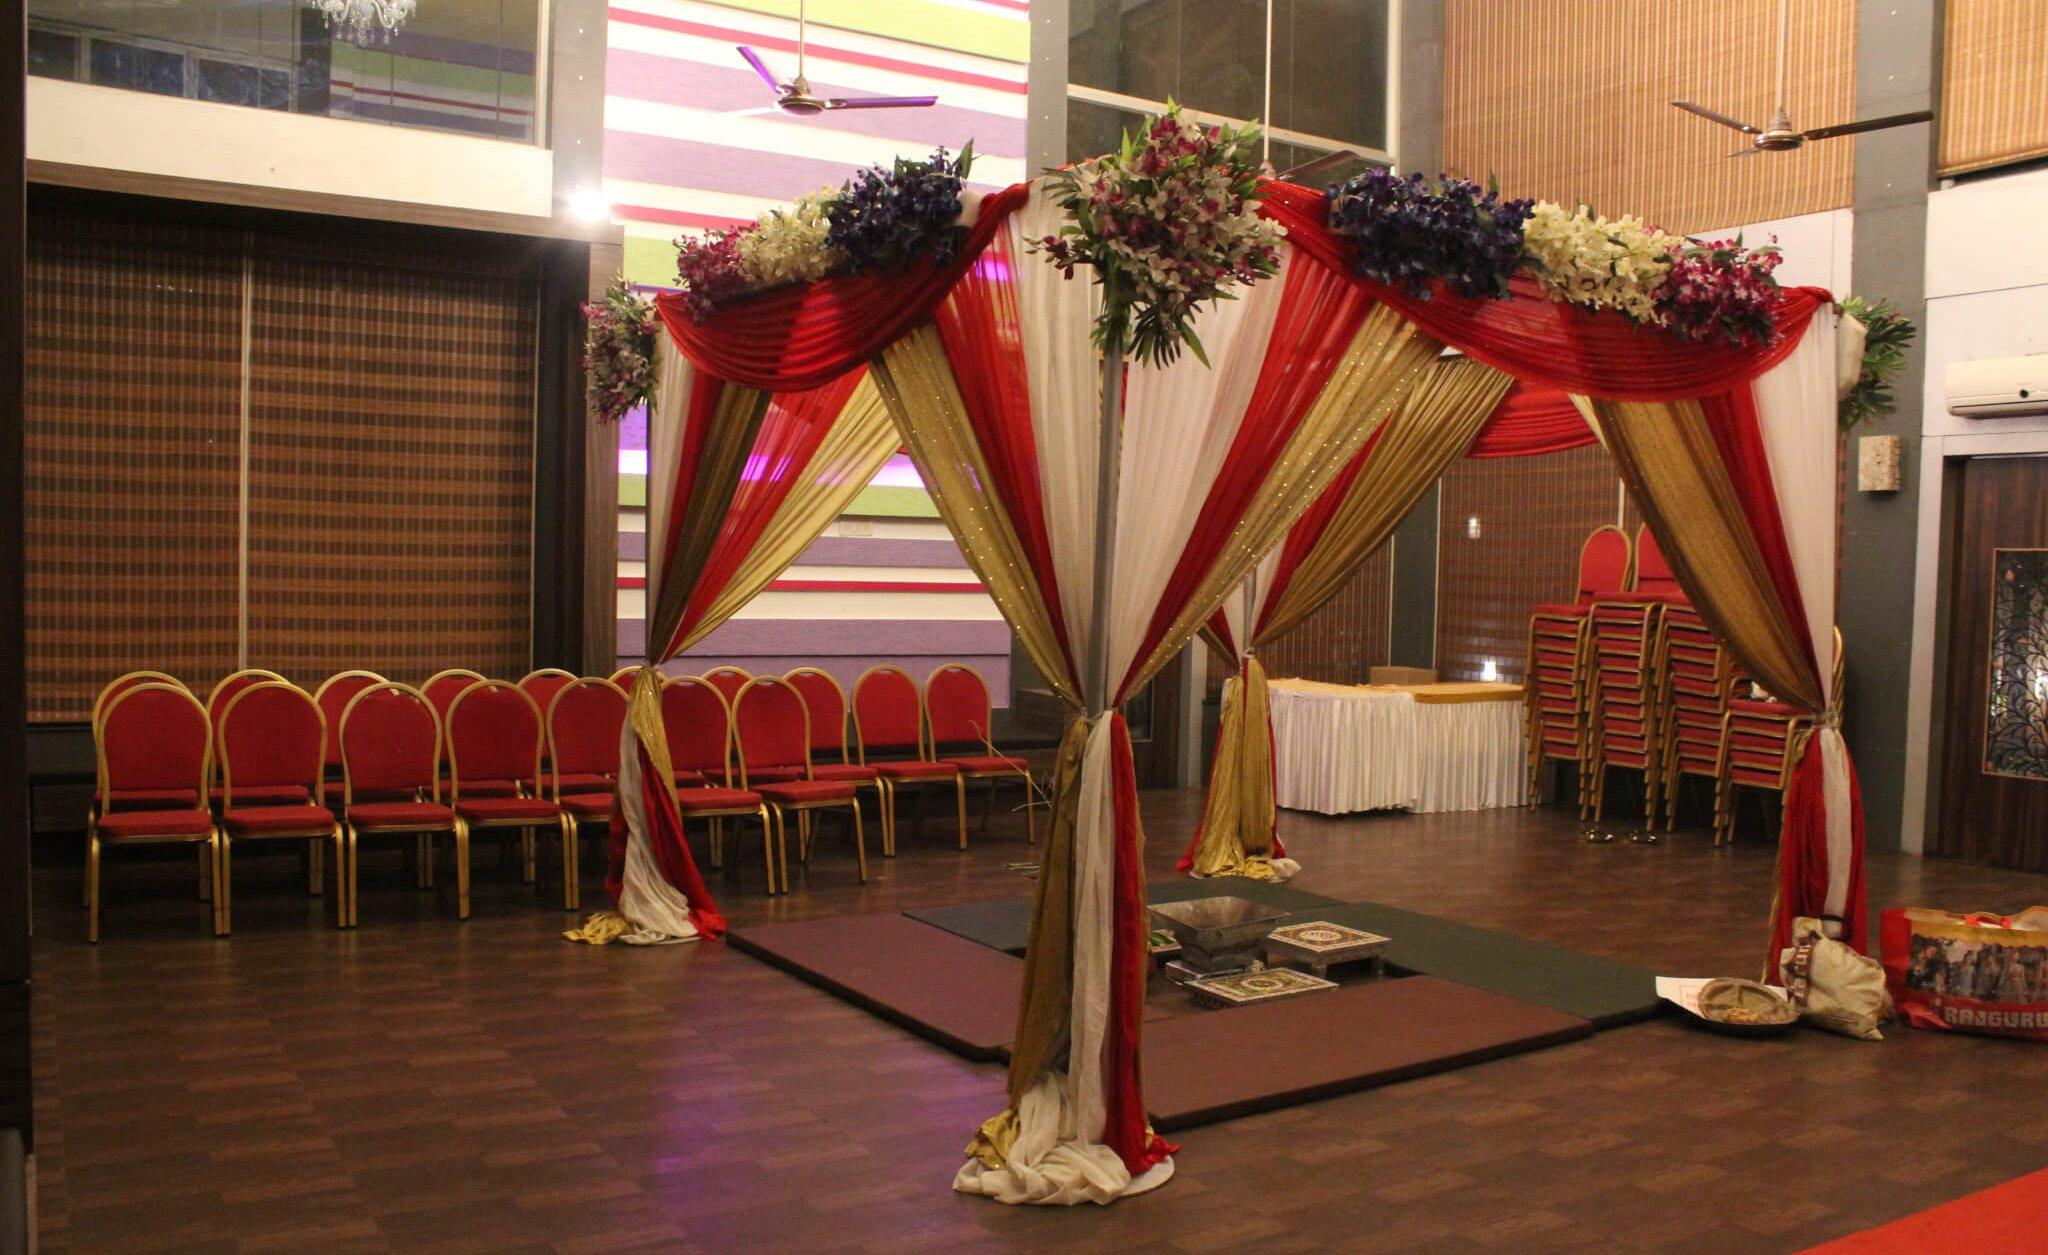 Vidhi mandap setup at Green Square Conference hall